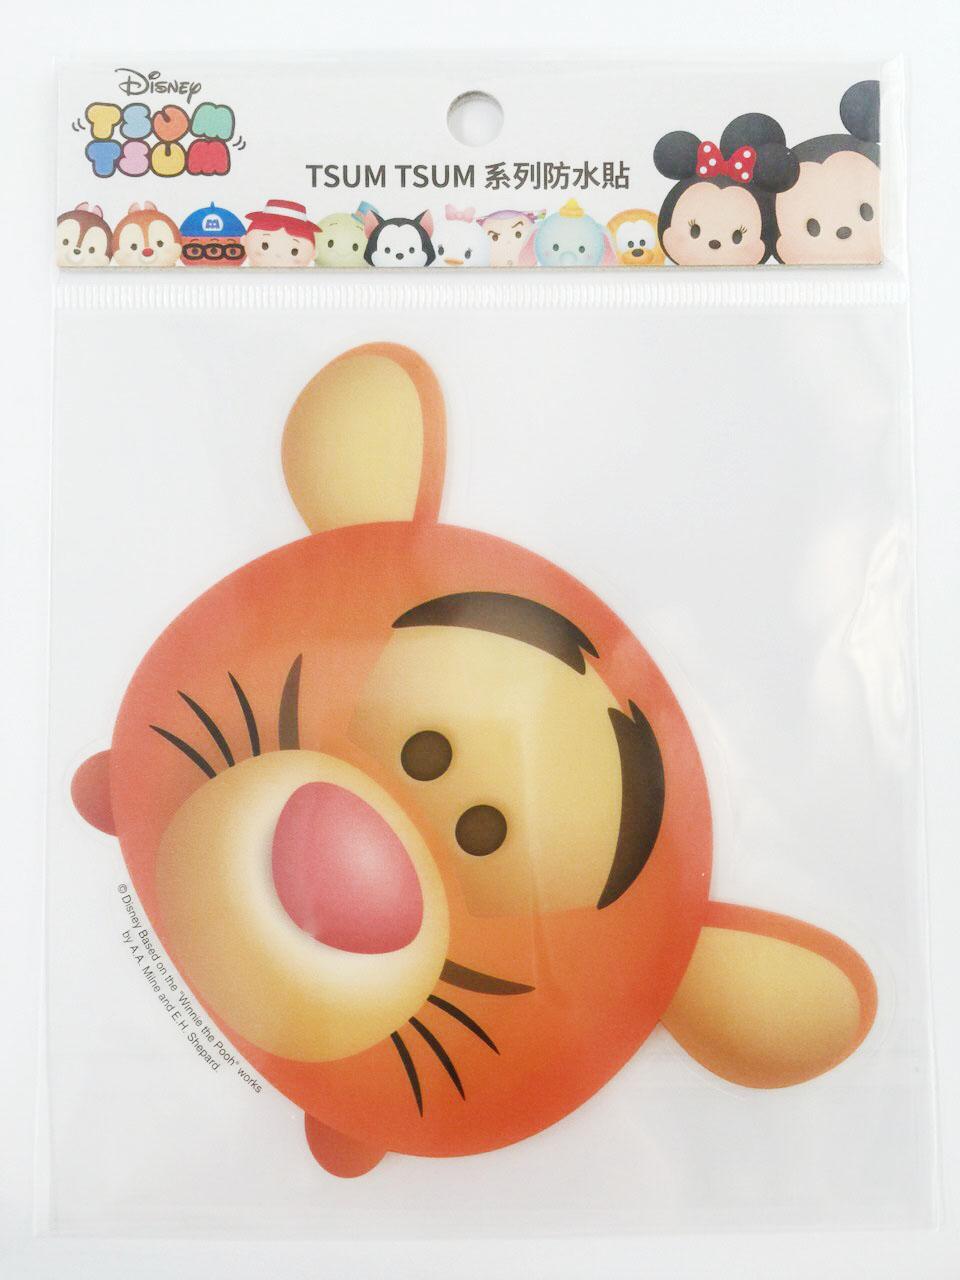 【真愛日本】16011200030  TSUM防水貼紙-跳跳虎 小熊維尼 POOH 迪士尼 裝飾貼紙 PVC 貼紙